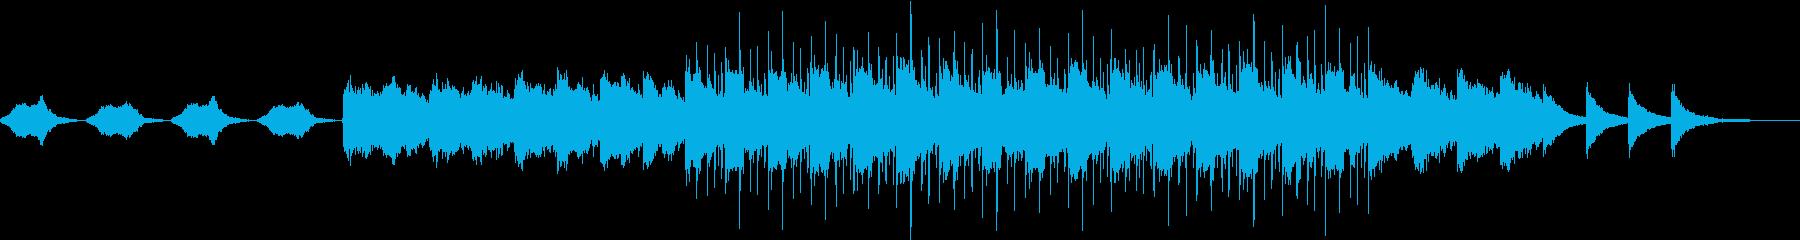 エレクトロ/アンビエント/ヒーリングの再生済みの波形